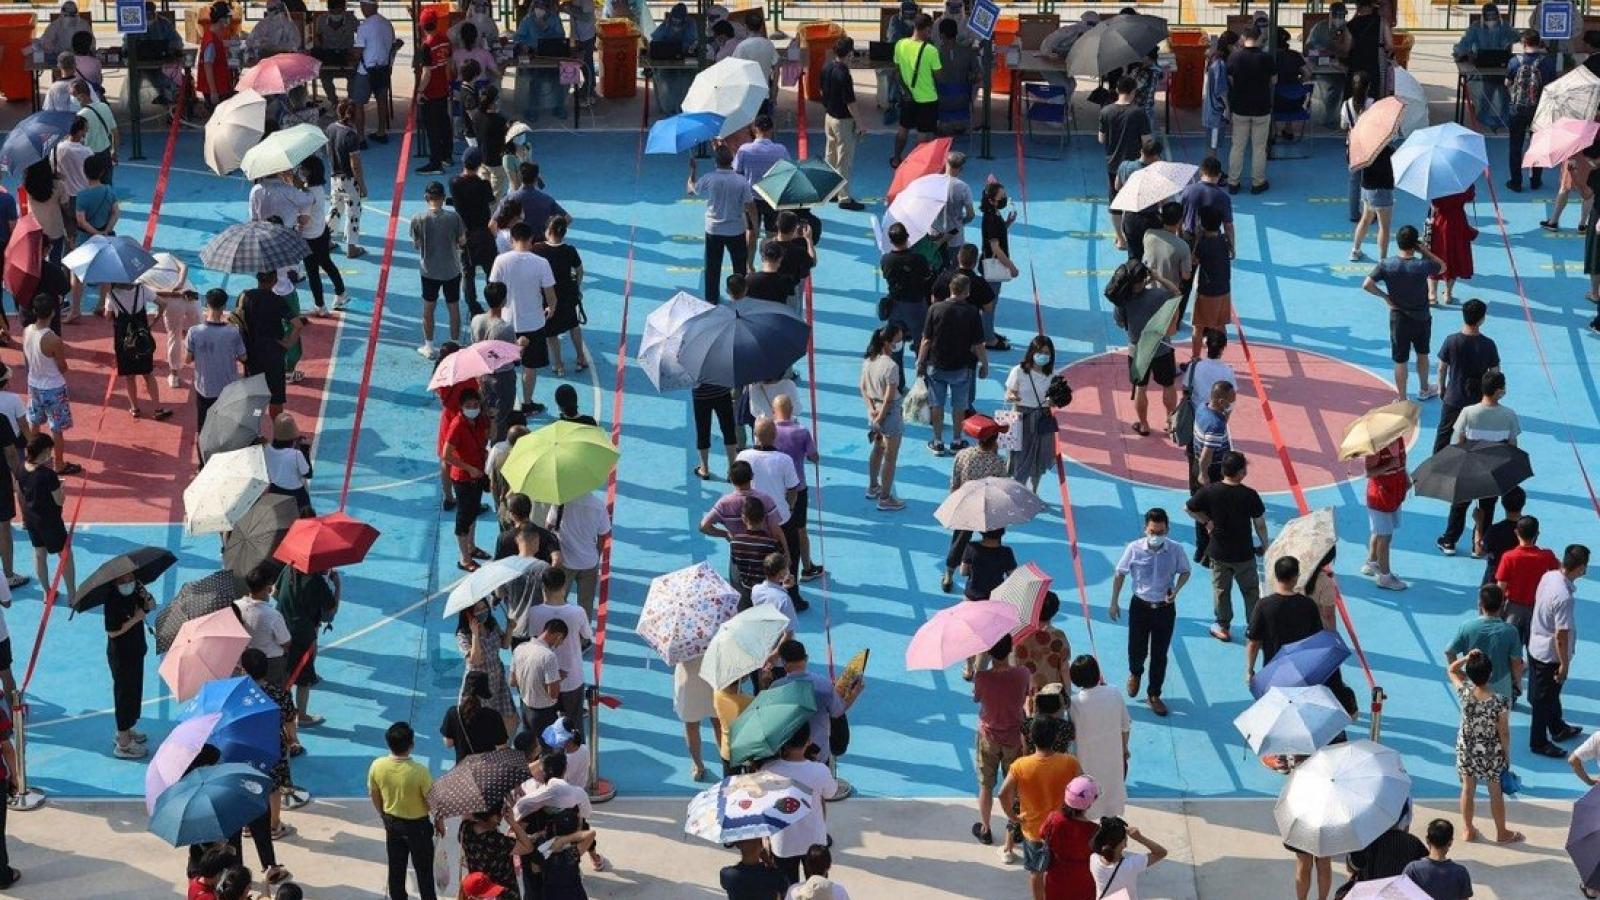 Trung Quốc ghi nhận số ca mắc Covid-19 trong ngày cao nhất trong đợt dịch ở Phúc Kiến